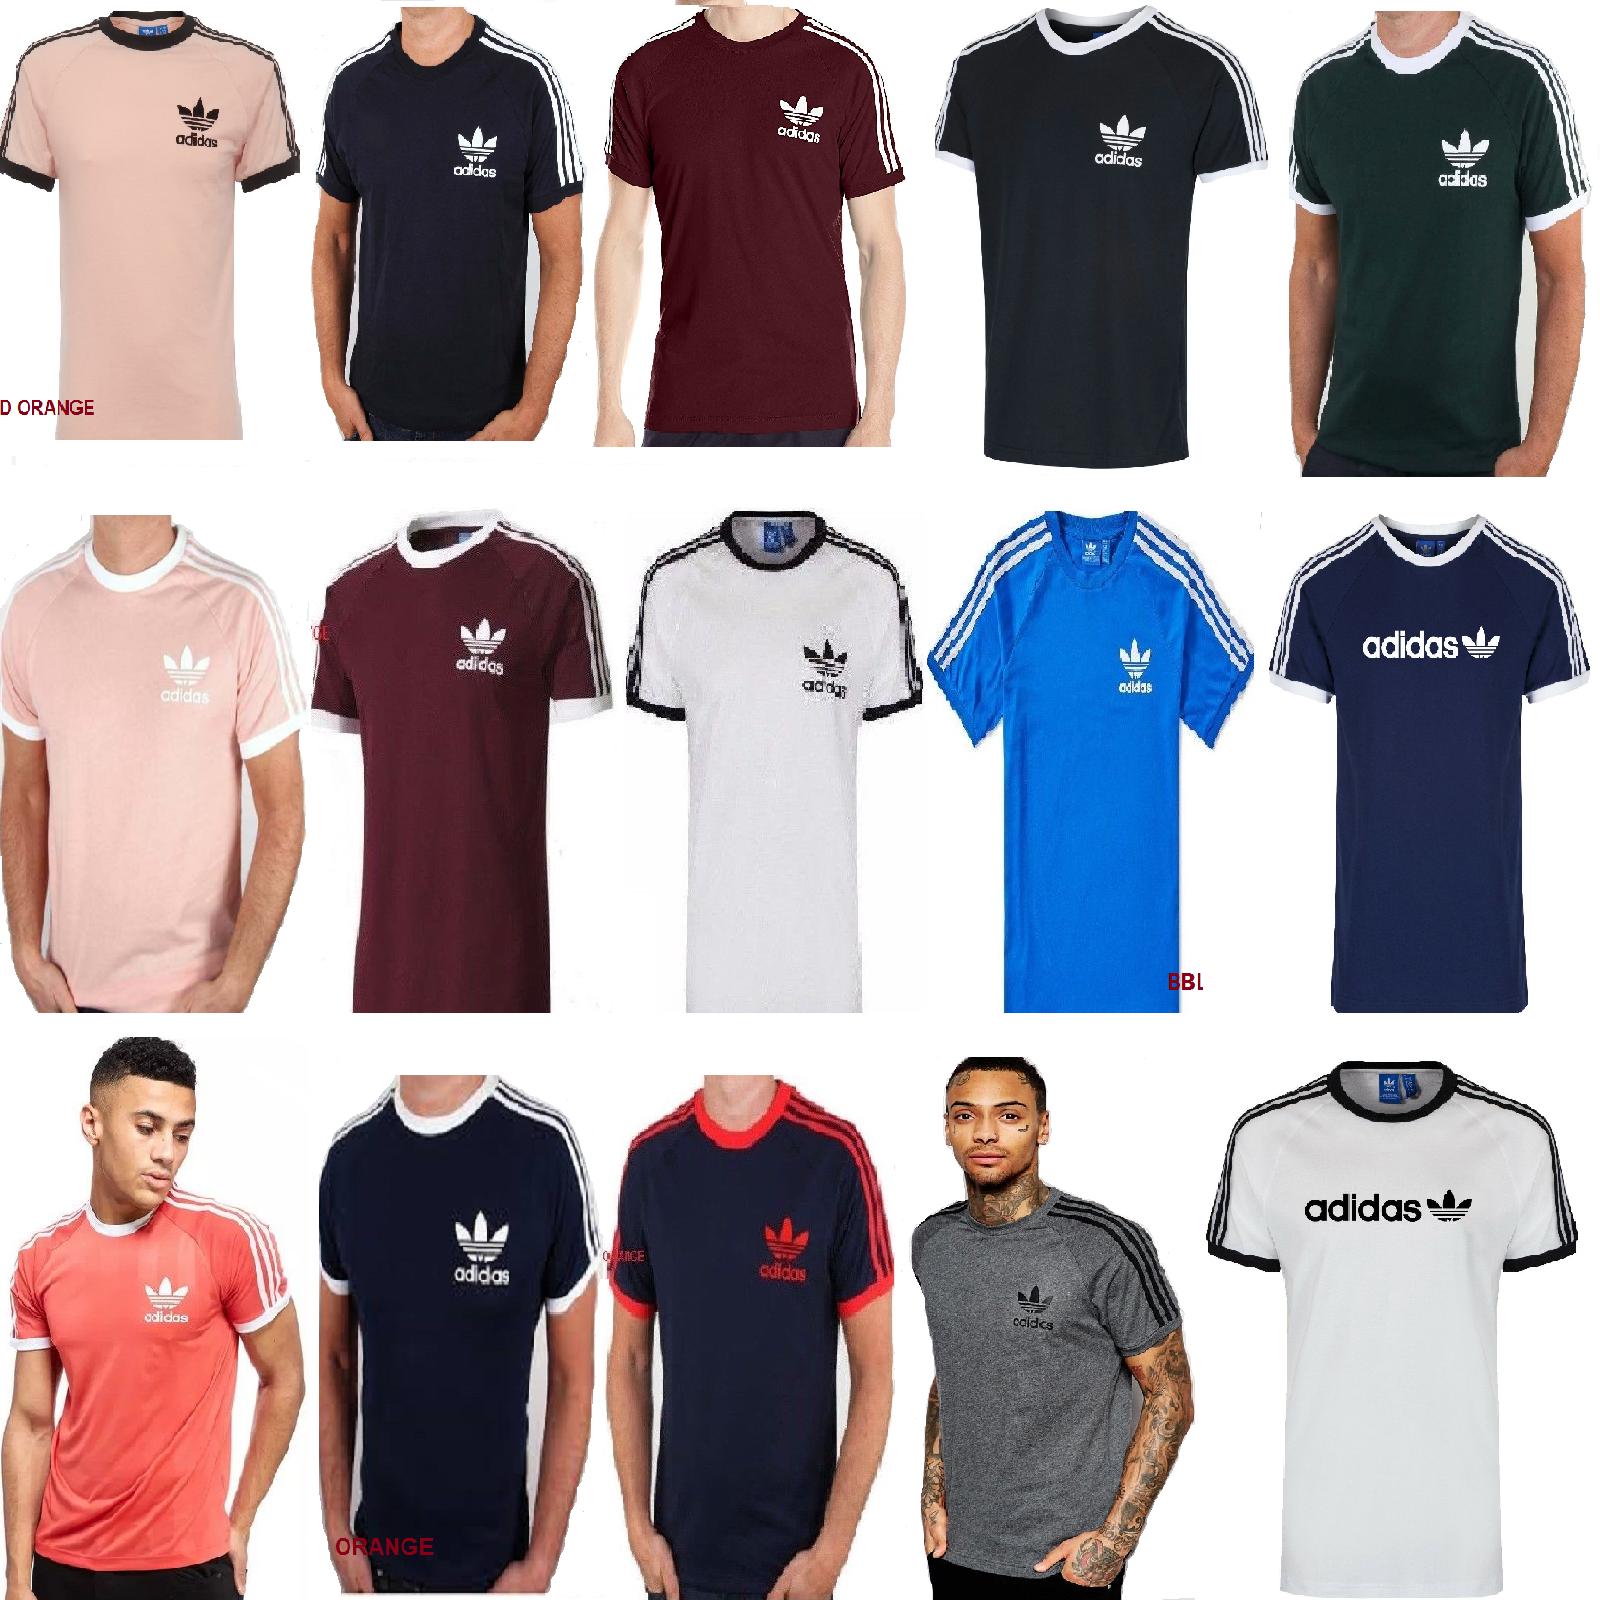 36f88e6a Adidas Originals California Retro Essentials Crew Neck Short Sleeve Men T- Shirt